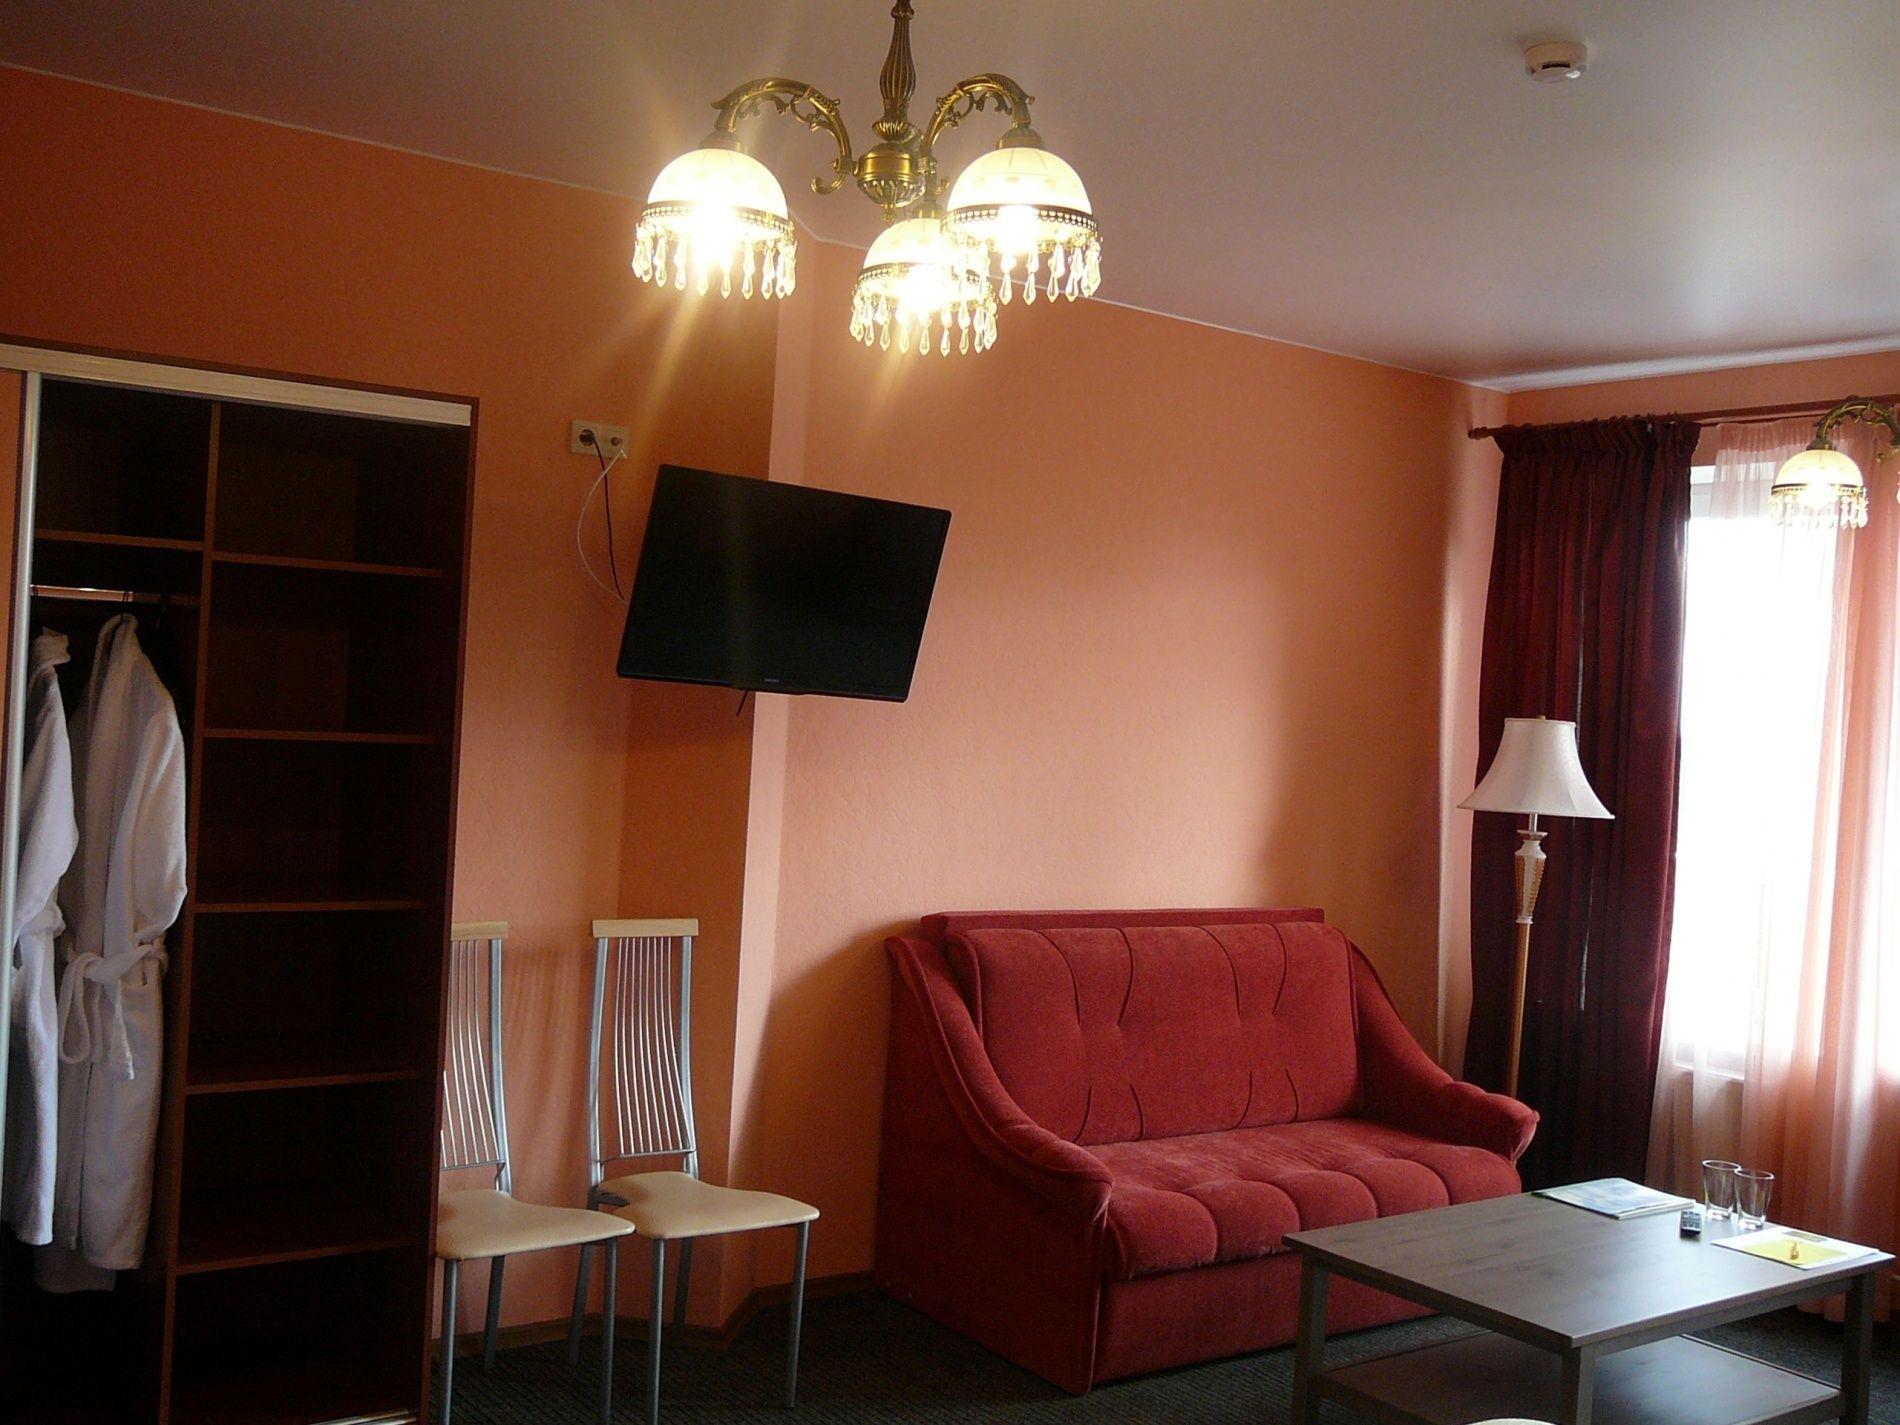 Гостиница «К-Визит Токсово» Ленинградская область Апартаменты, фото 3